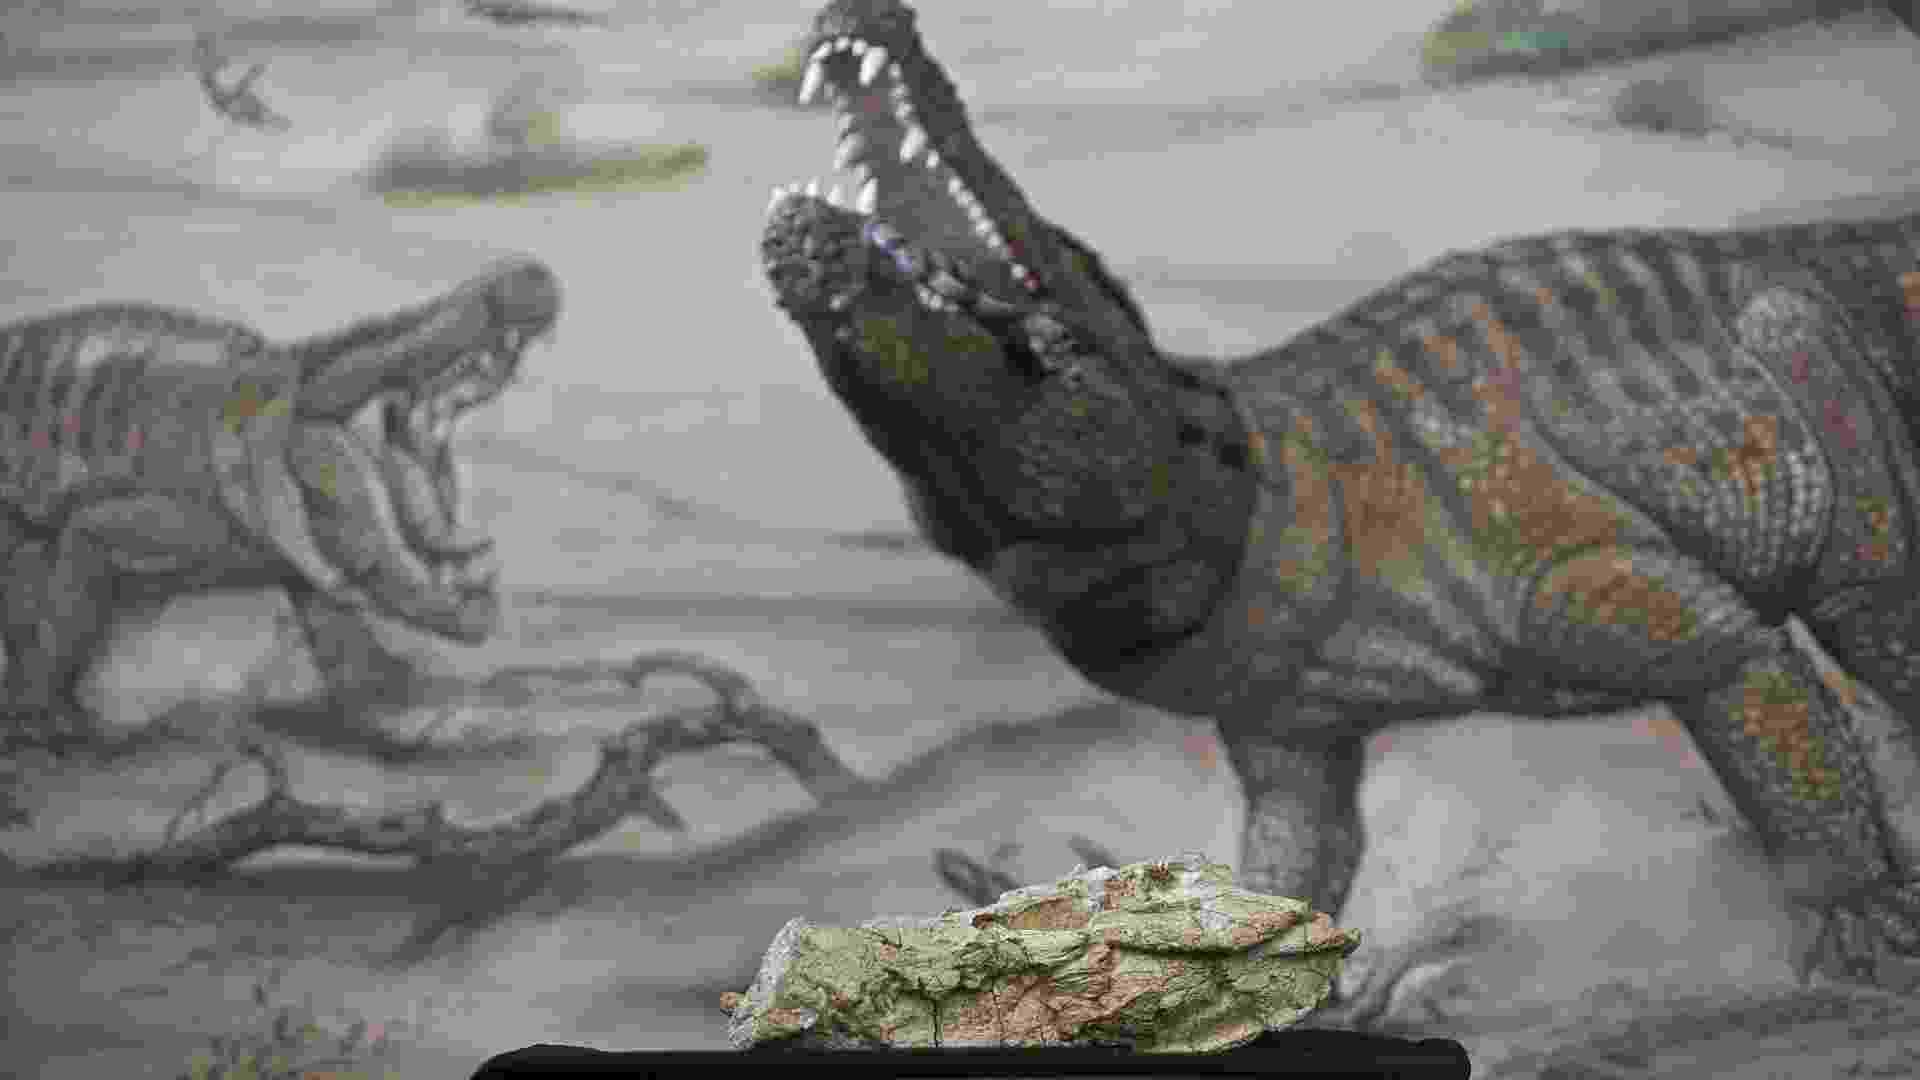 15.jan.2014 - Pesquisadores do Museu de Ciências da Terra/CPRM e do Museu Nacional/UFRJ apresentam o mais antigo réptil fossilizado encontrado no Estado do Rio de Janeiro, o Crocodilo Guerreiro (Sahitisuchus fluminensis) - Julio Cesar Guimaraes/UOL